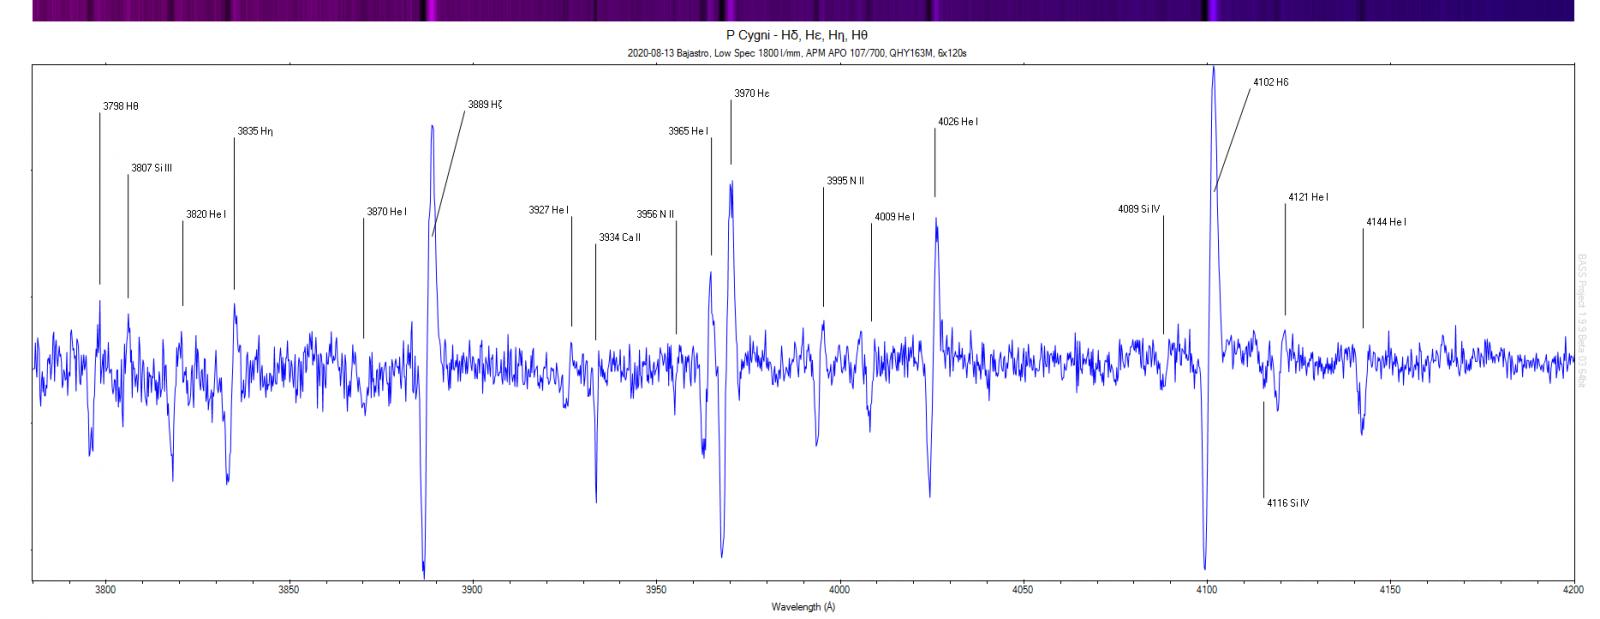 1553450212_PCygniH-deltaH-theta.thumb.PNG.11cebc9d60154ce290068ba292461c2a.PNG